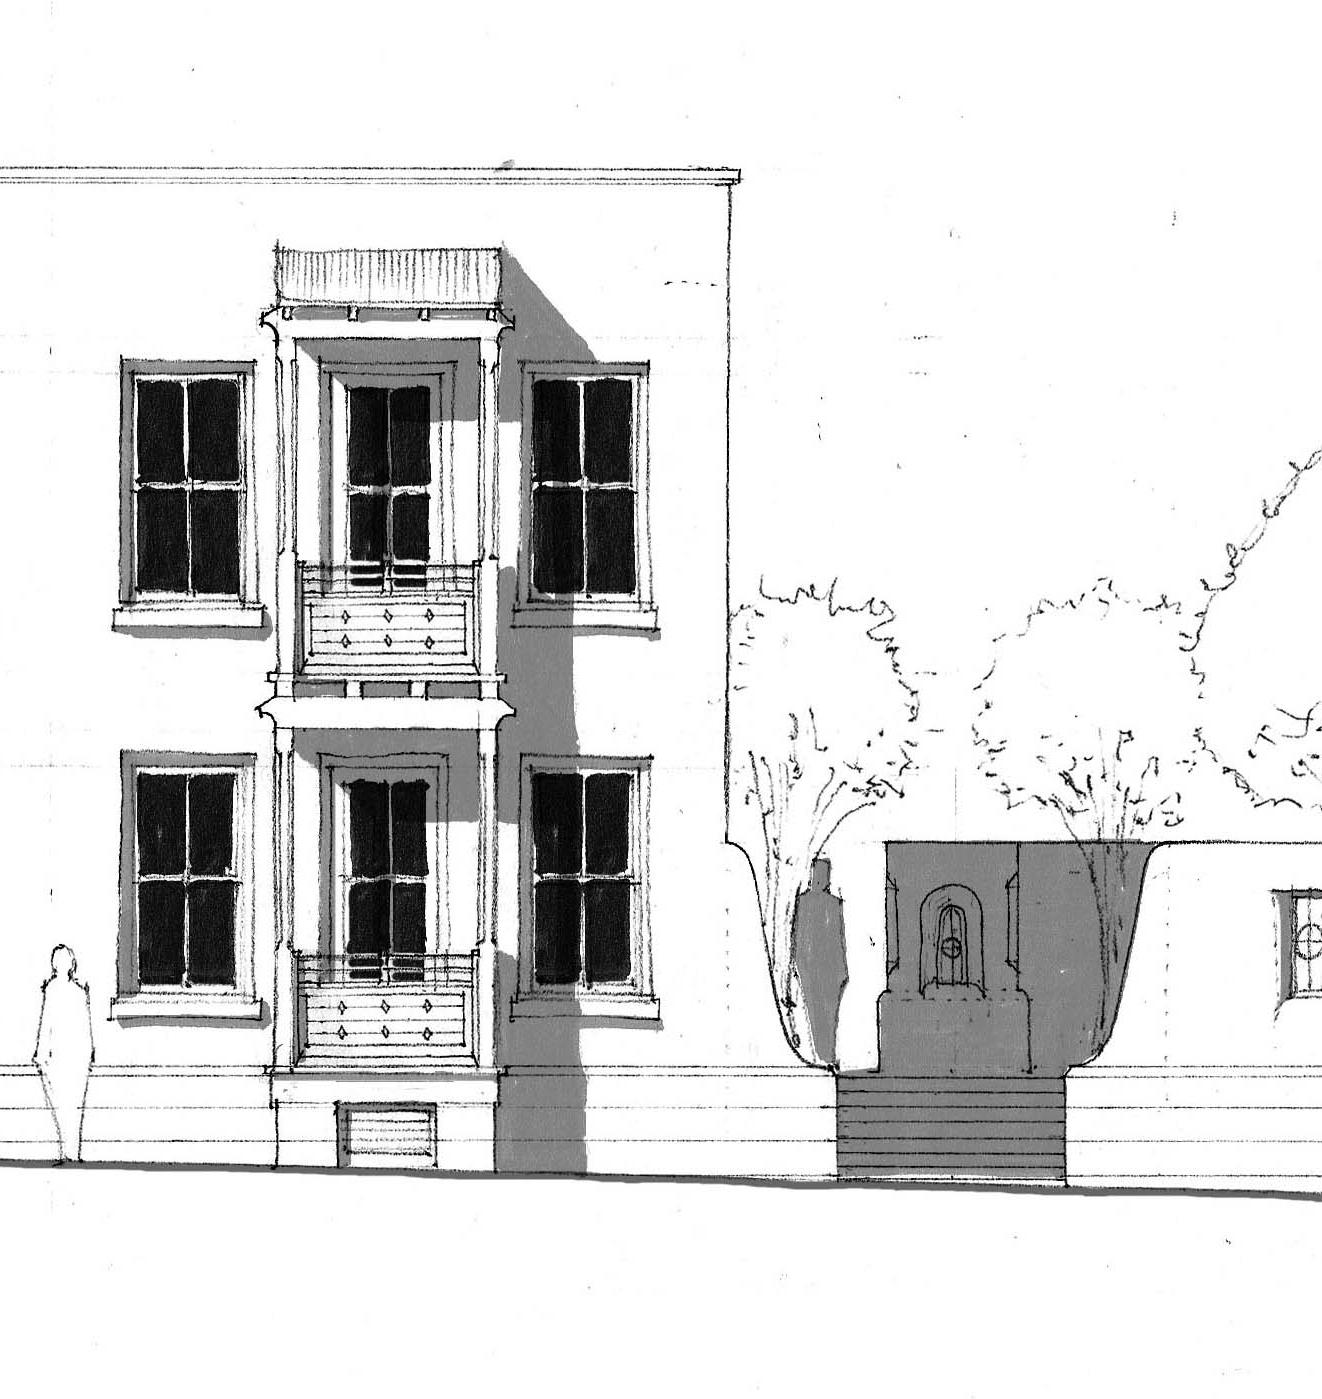 Condo Complex 8-Plex South Main Neighborhood